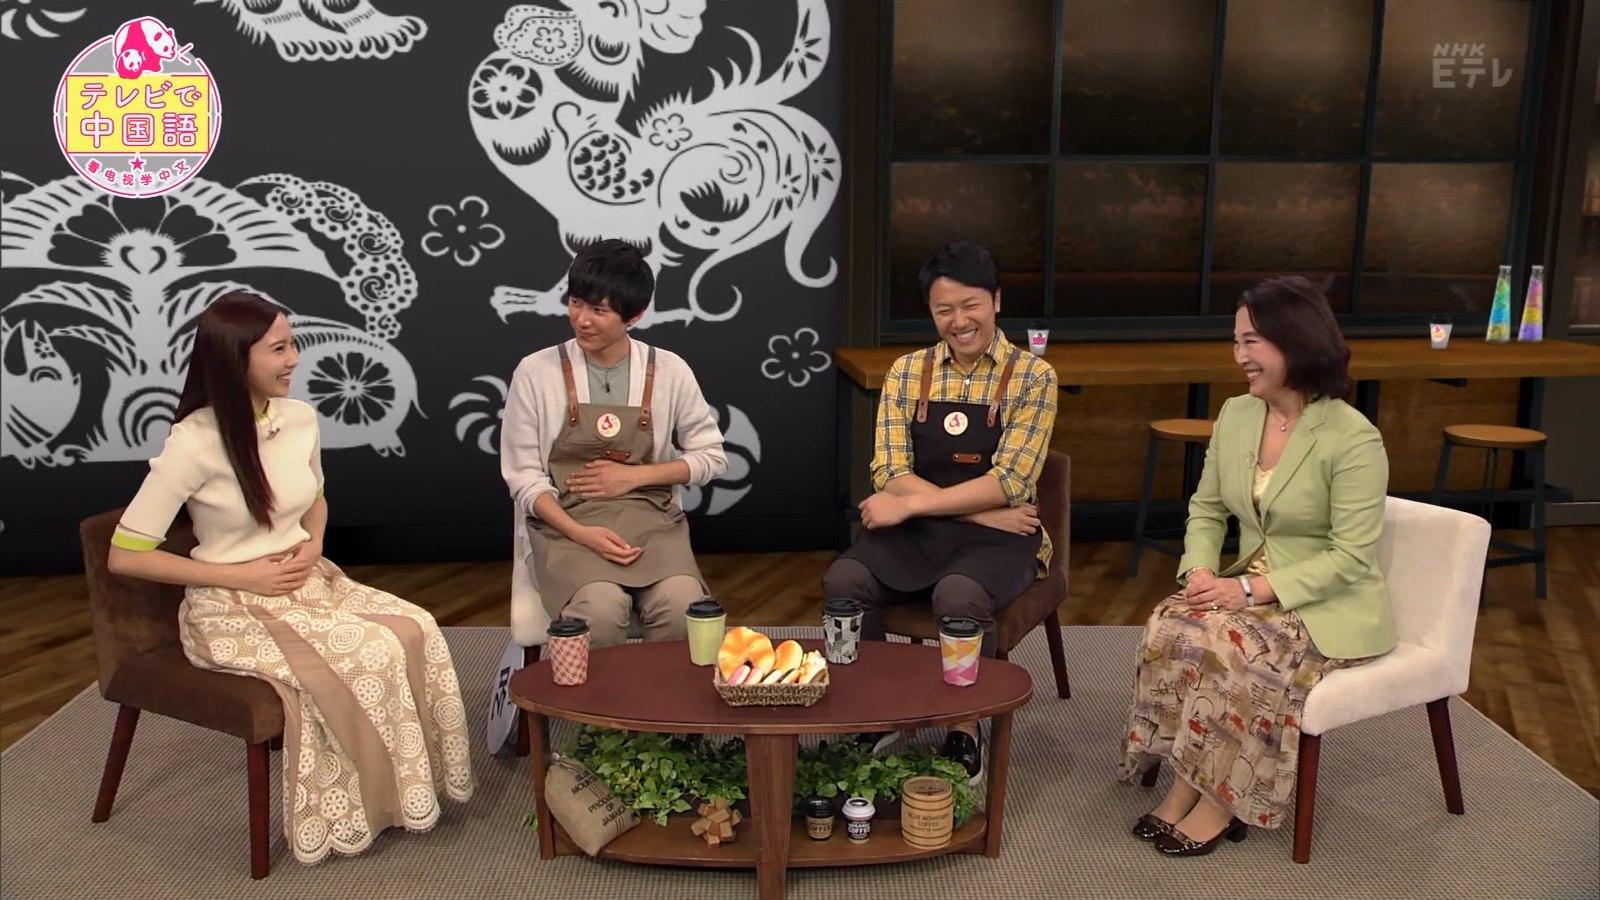 佐野ひなこ_ニット_おっぱい_テレビで中国語_13